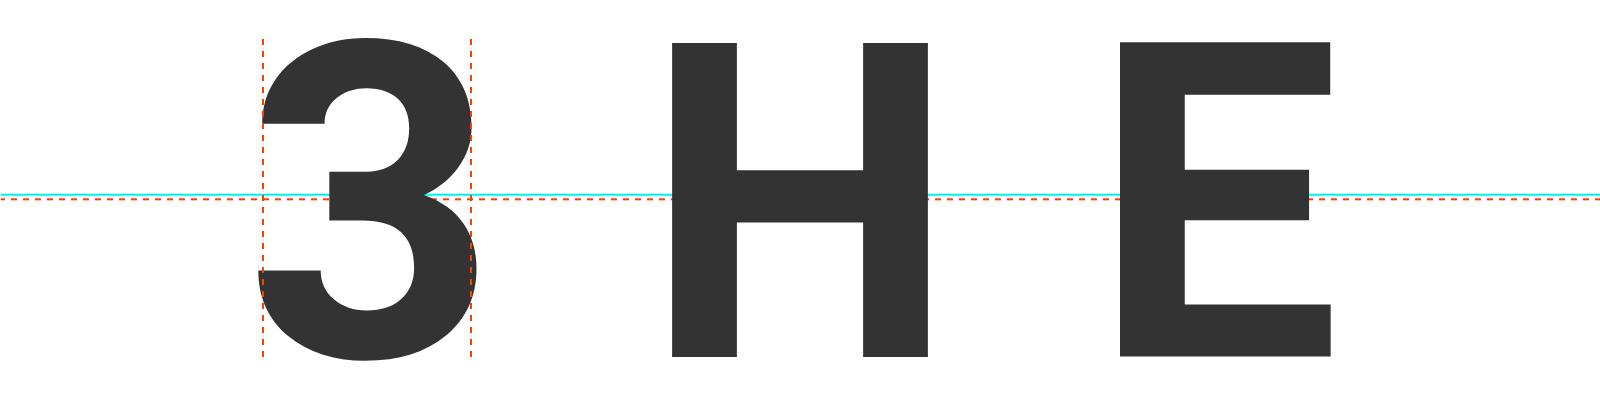 上方過大視を調整した書体デザイン